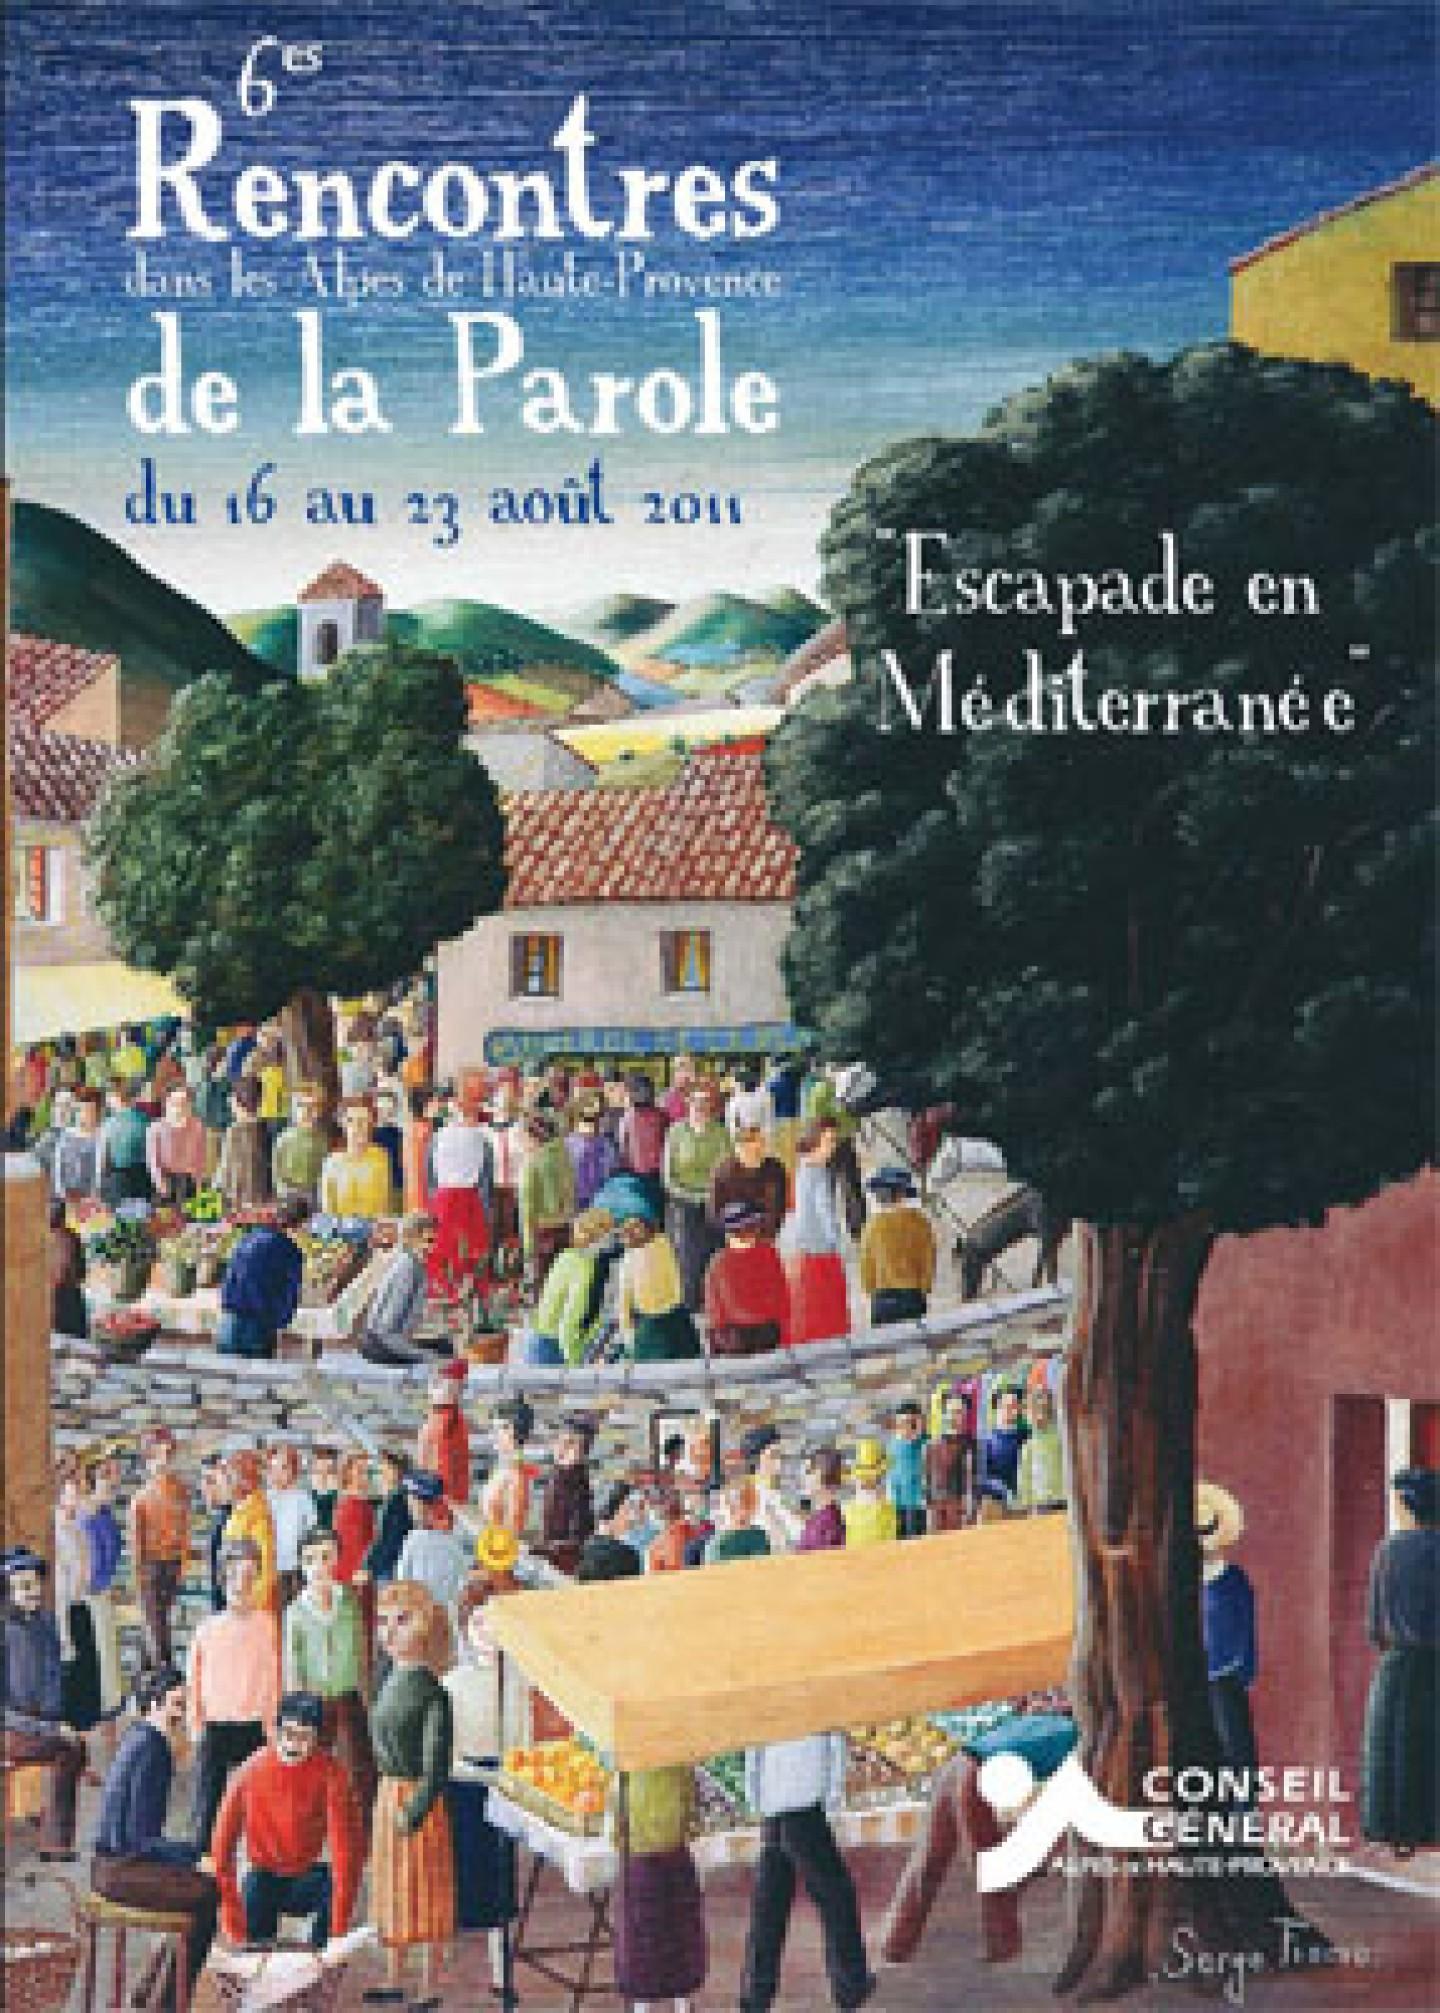 Affiche Rencontres de la paroles dans les Alpes de Haute-Provence 2011